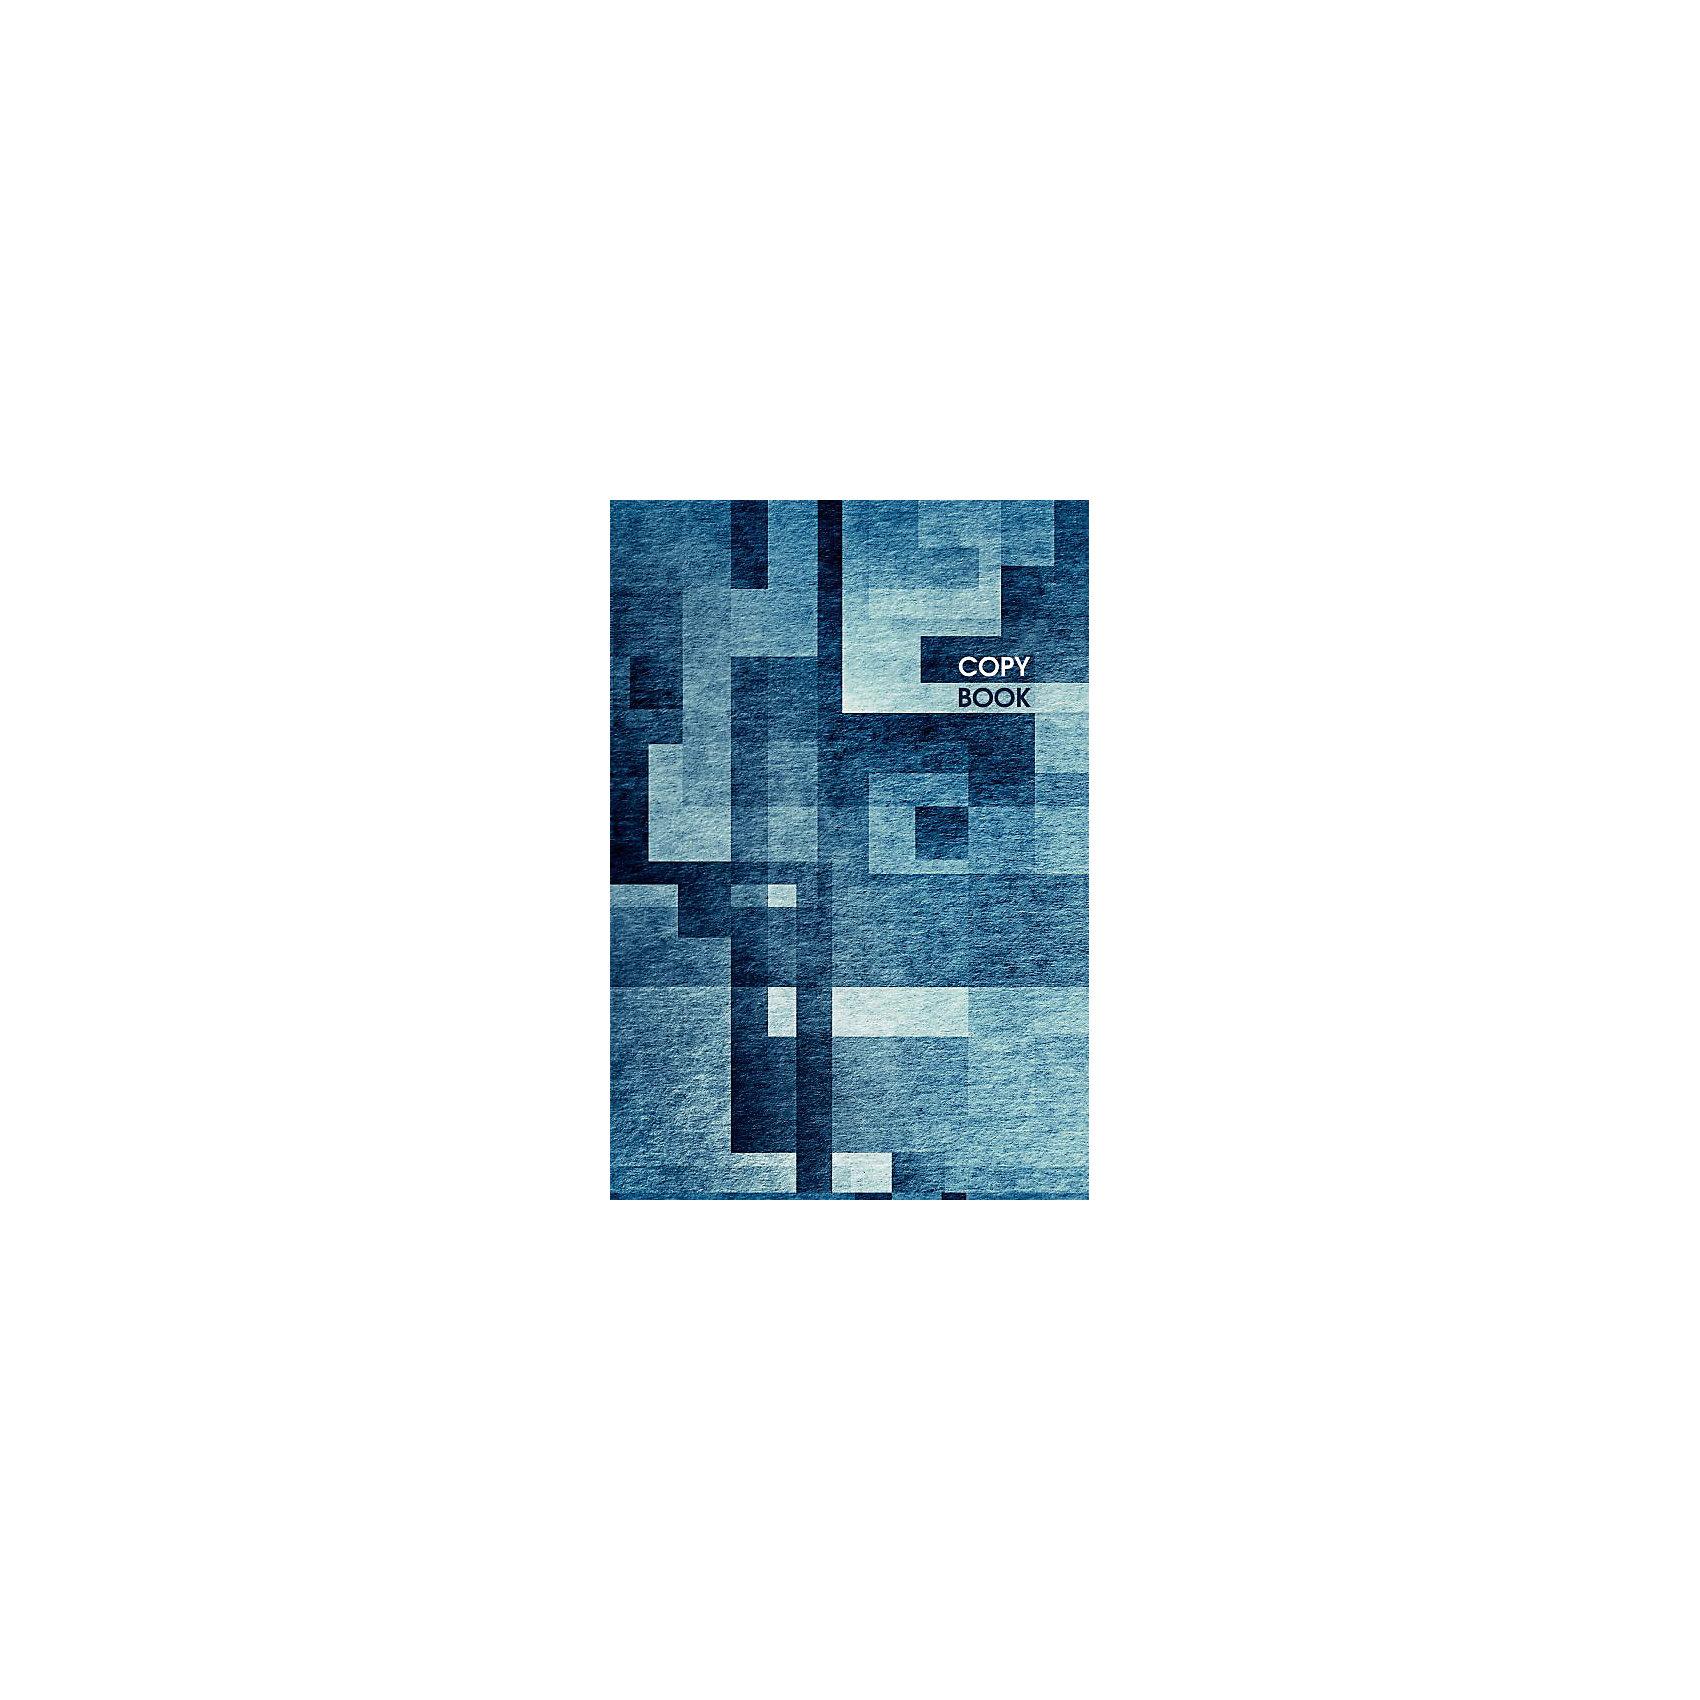 Тетрадь 96 листов Синяя фактура Феникс+,Бумажная продукция<br>Тетрадь 96 л. СИНЯЯ ФАКТУРА /А4, переплет 7БЦ, 192 стр. Обложки полноцвет под глянц. пленкой, блок офсет в одну краску, клетка./<br><br>Ширина мм: 300<br>Глубина мм: 200<br>Высота мм: 10<br>Вес г: 530<br>Возраст от месяцев: 72<br>Возраст до месяцев: 2147483647<br>Пол: Унисекс<br>Возраст: Детский<br>SKU: 7046462